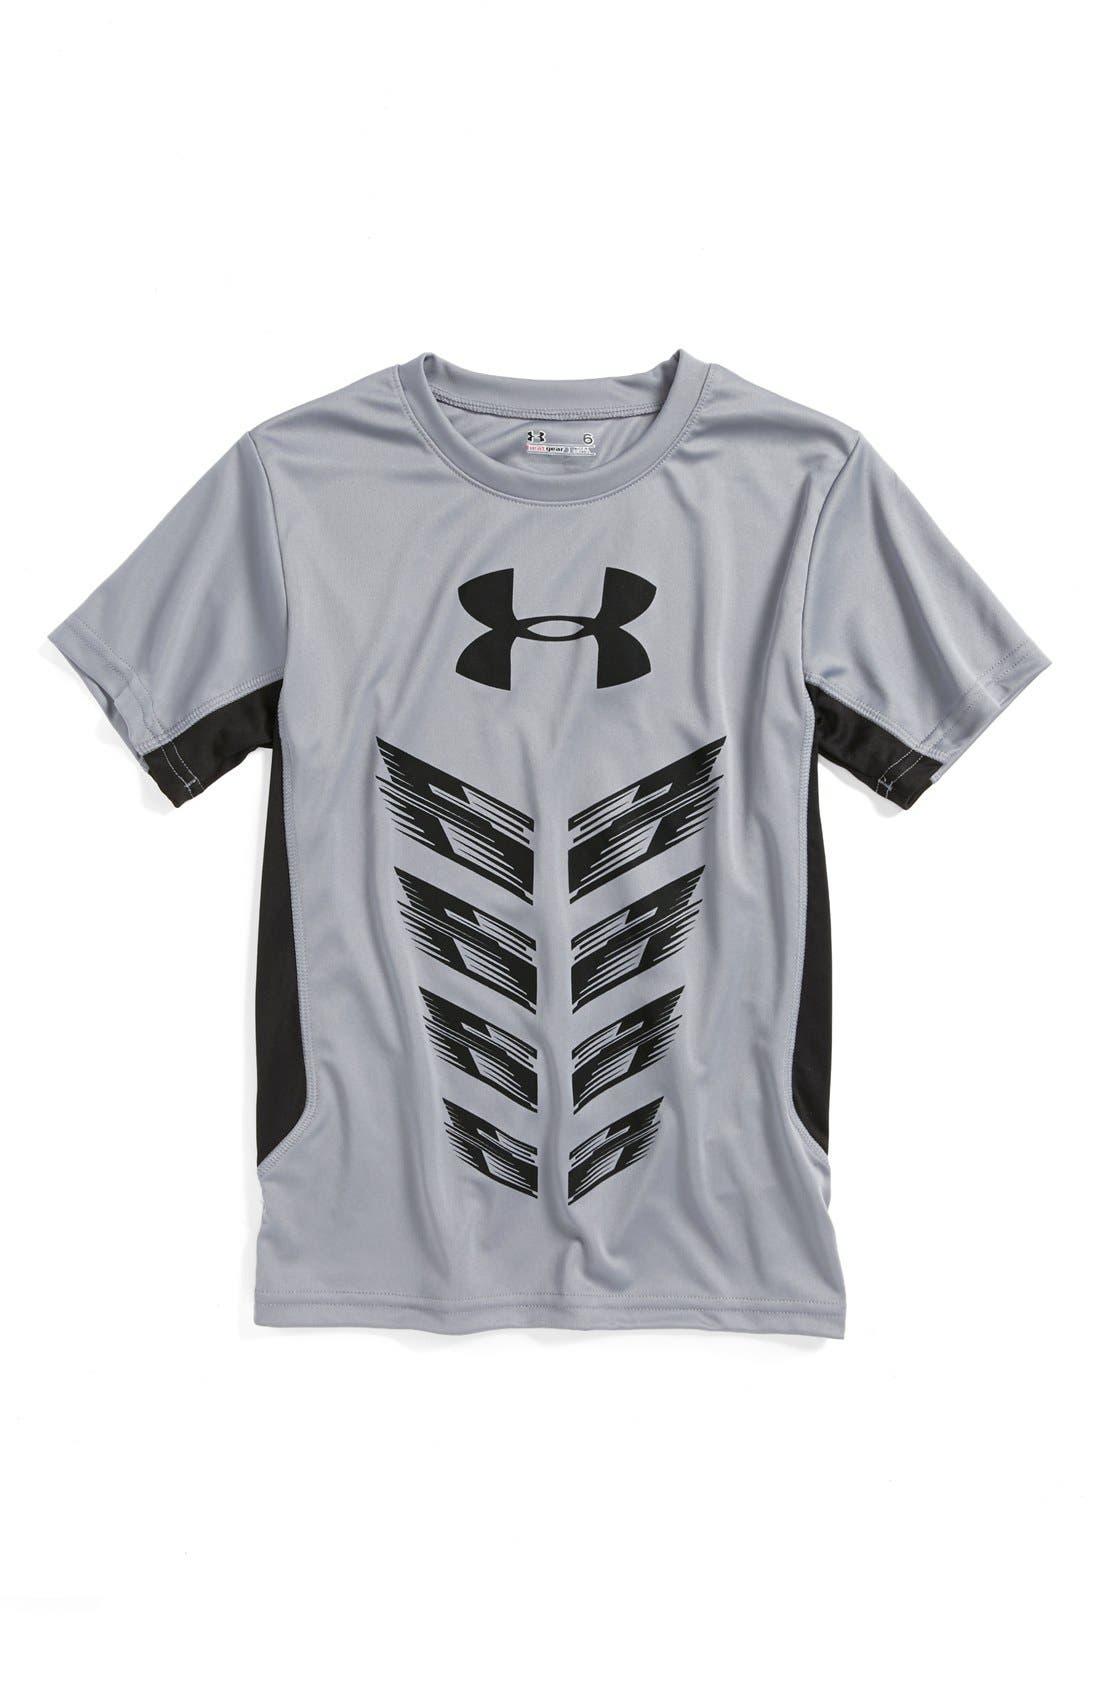 Main Image - Under Armour 'Next Level' HeatGear® T-Shirt (Little Boys)